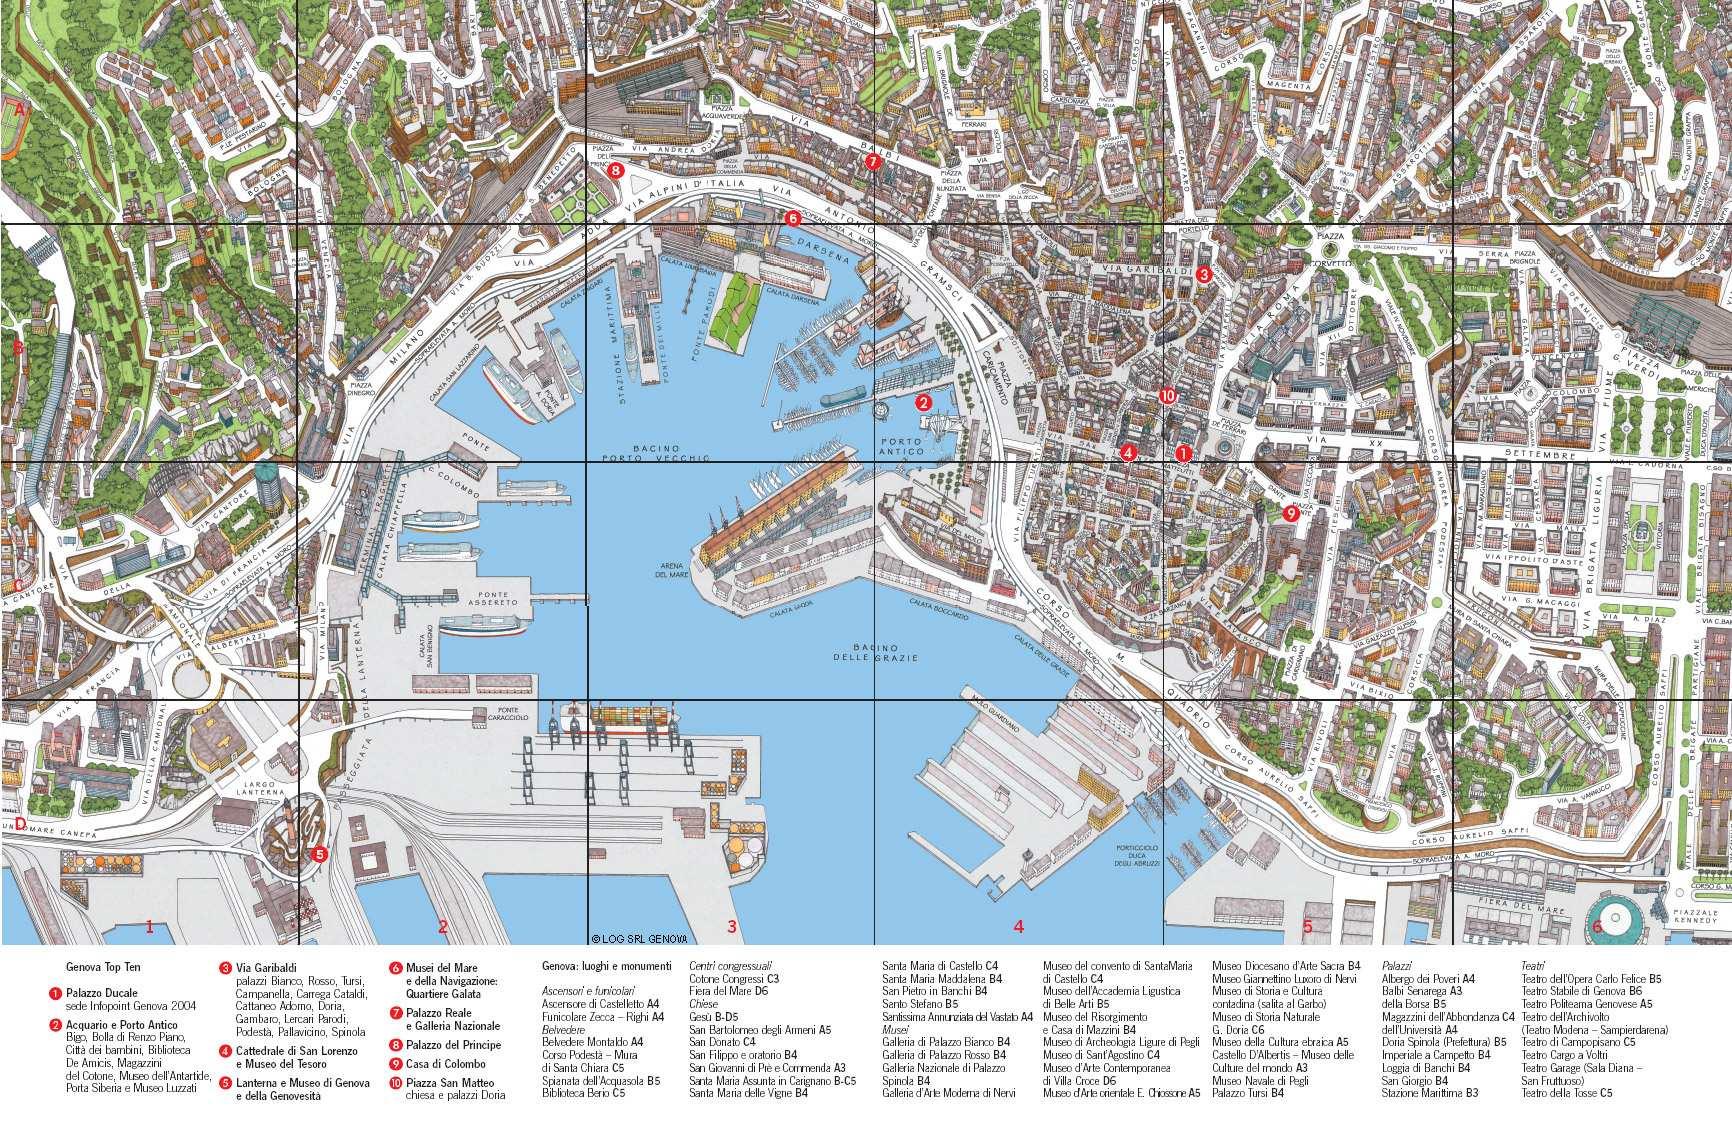 genova mapa Large Genoa Maps for Free Download and Print | High Resolution and  genova mapa